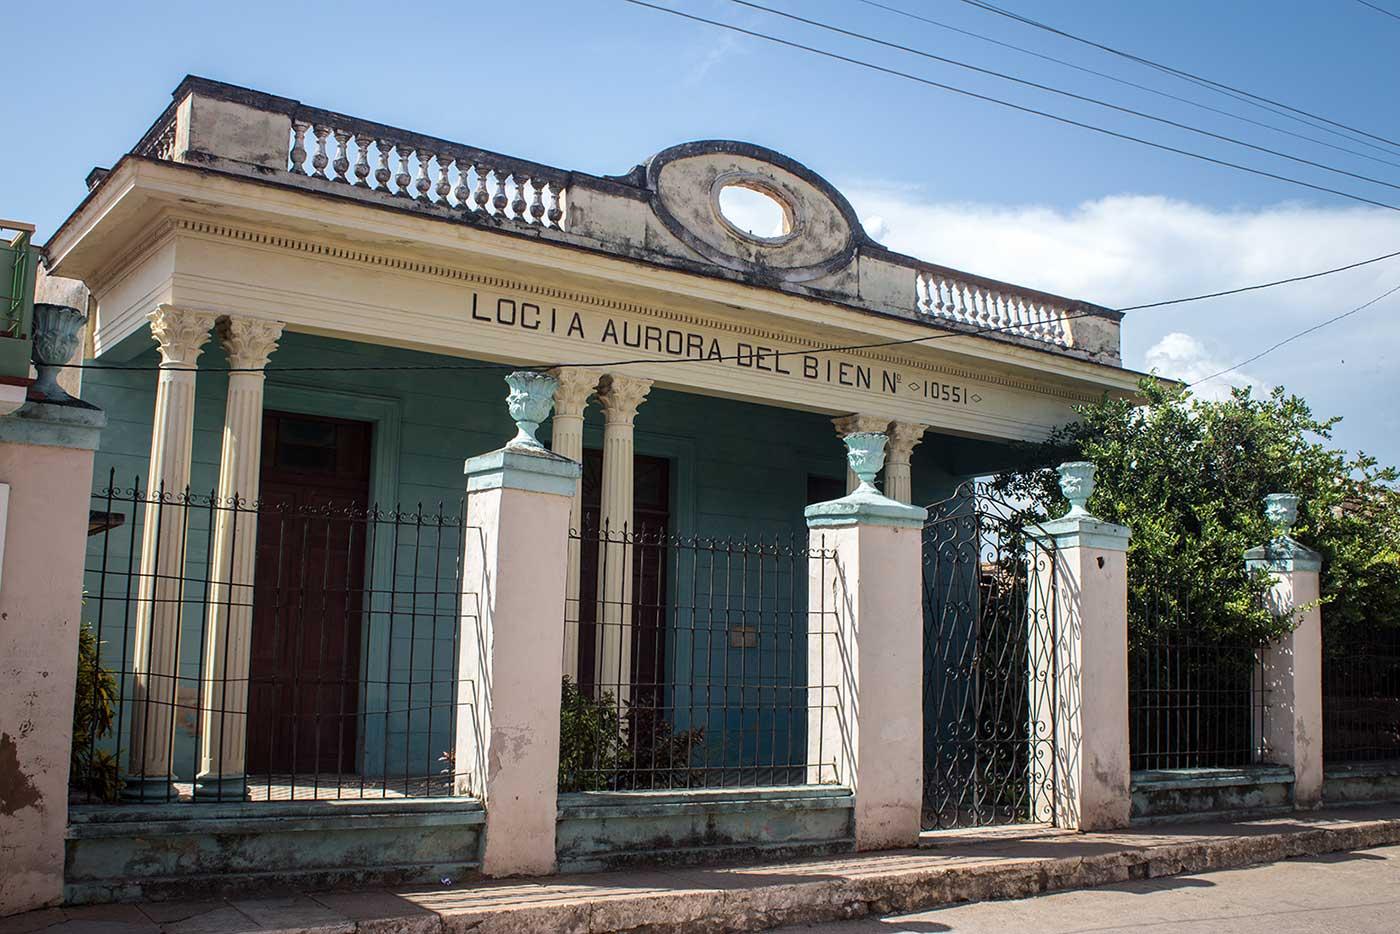 'Logia Aurora del Bien No. 10551,' in Trinidad, Cuba.